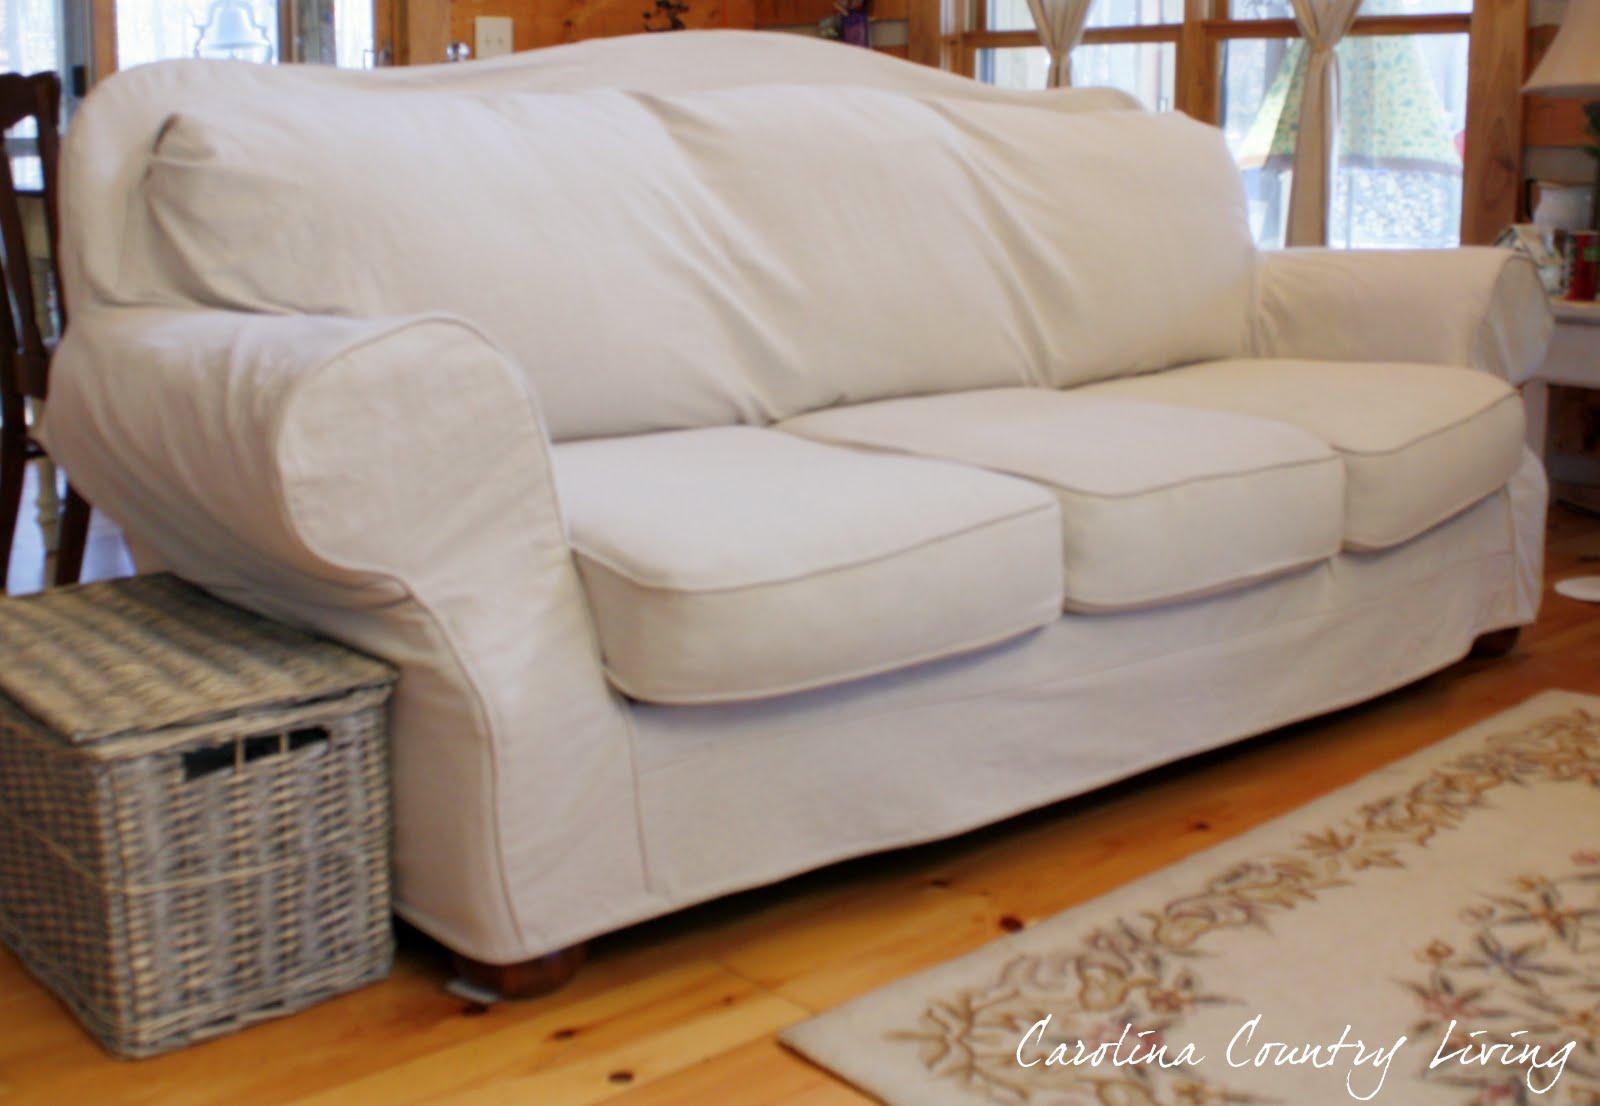 Carolina Country Living Drop Cloth Sofa Slipcover